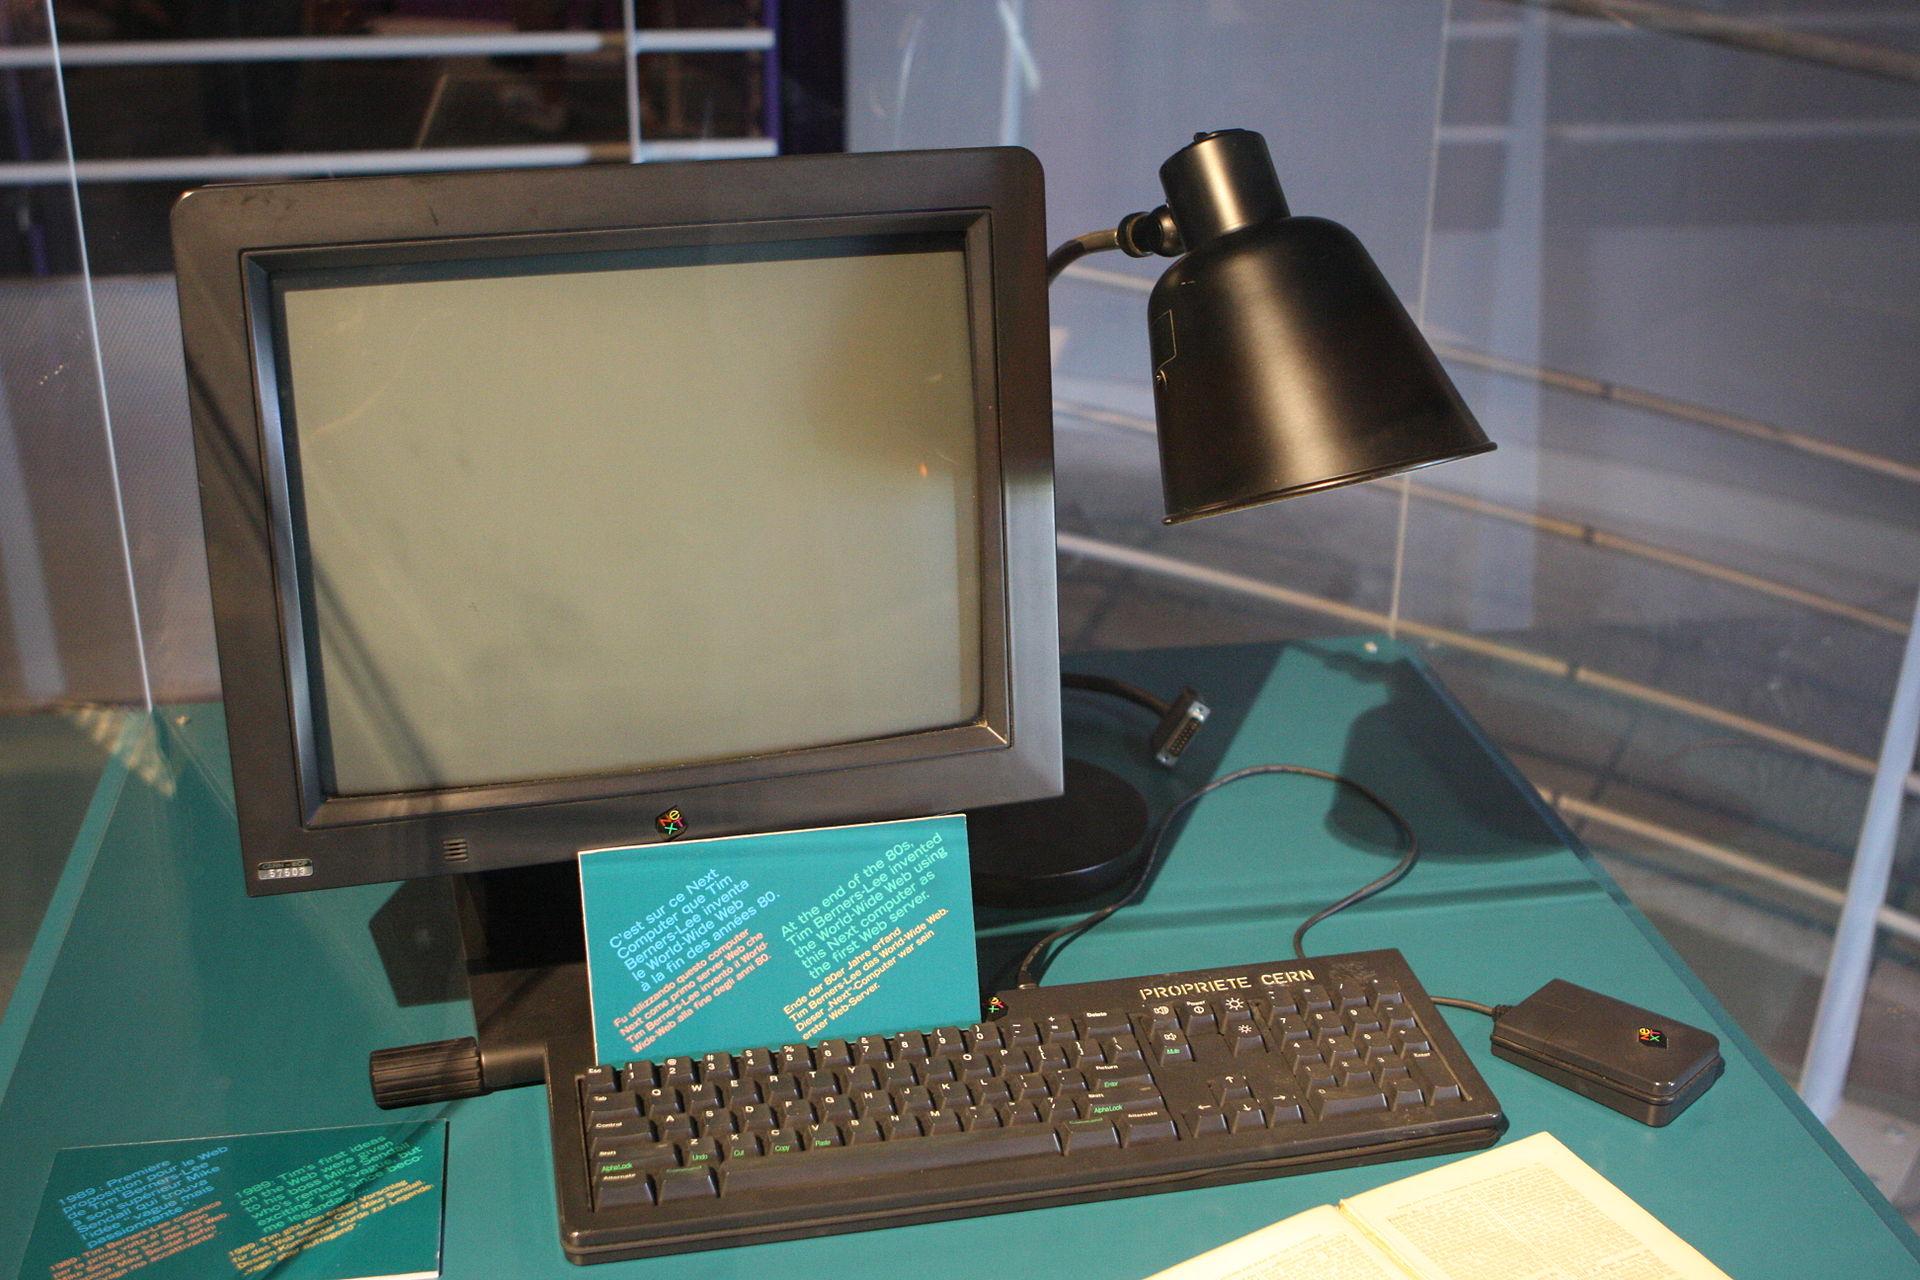 """Im Jahr 1989 gelang dem britischen Informatiker Tim Berners-Lee ein weiterer Durchbruch: Er entwickelte den Dienst World Wide Web, der häufig fälschlich synonym mit dem Begriff """"Internet"""" verwendet wird und eigentlich die Gesamtheit der im Internet miteinander verknüpften (Hypertext-)Dokumente respektive Websites bezeichnet. Im Bild sieht man den ebenfalls von Berners-Lee entwickelten ersten Webserver der Welt (Bild: Wikimedia Commons)."""